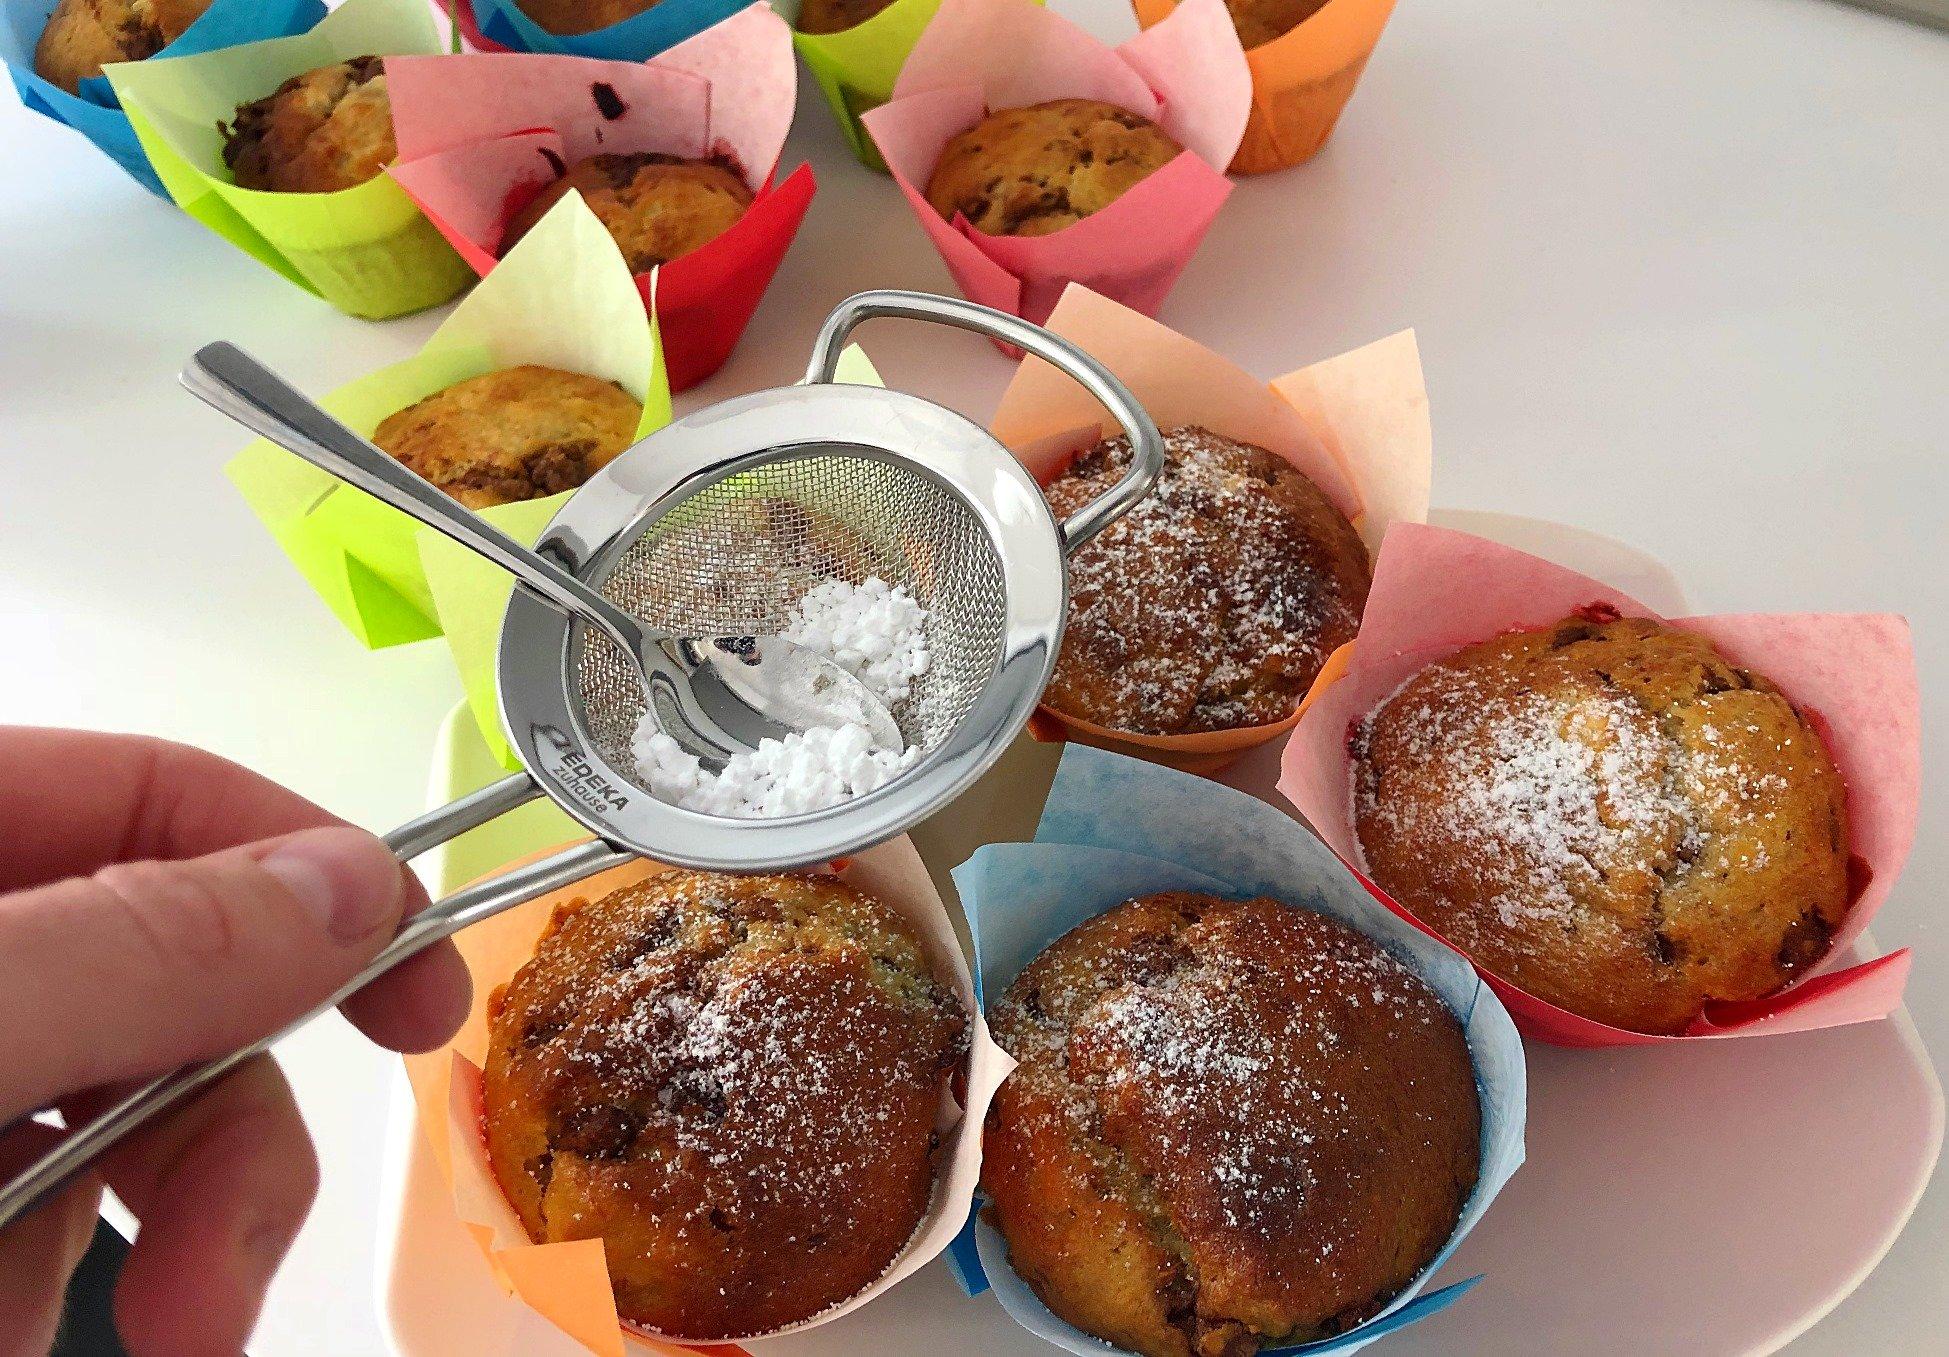 Foto 16.05.18 12 35 47 - Schnelle Bananen-Schoko-Muffins